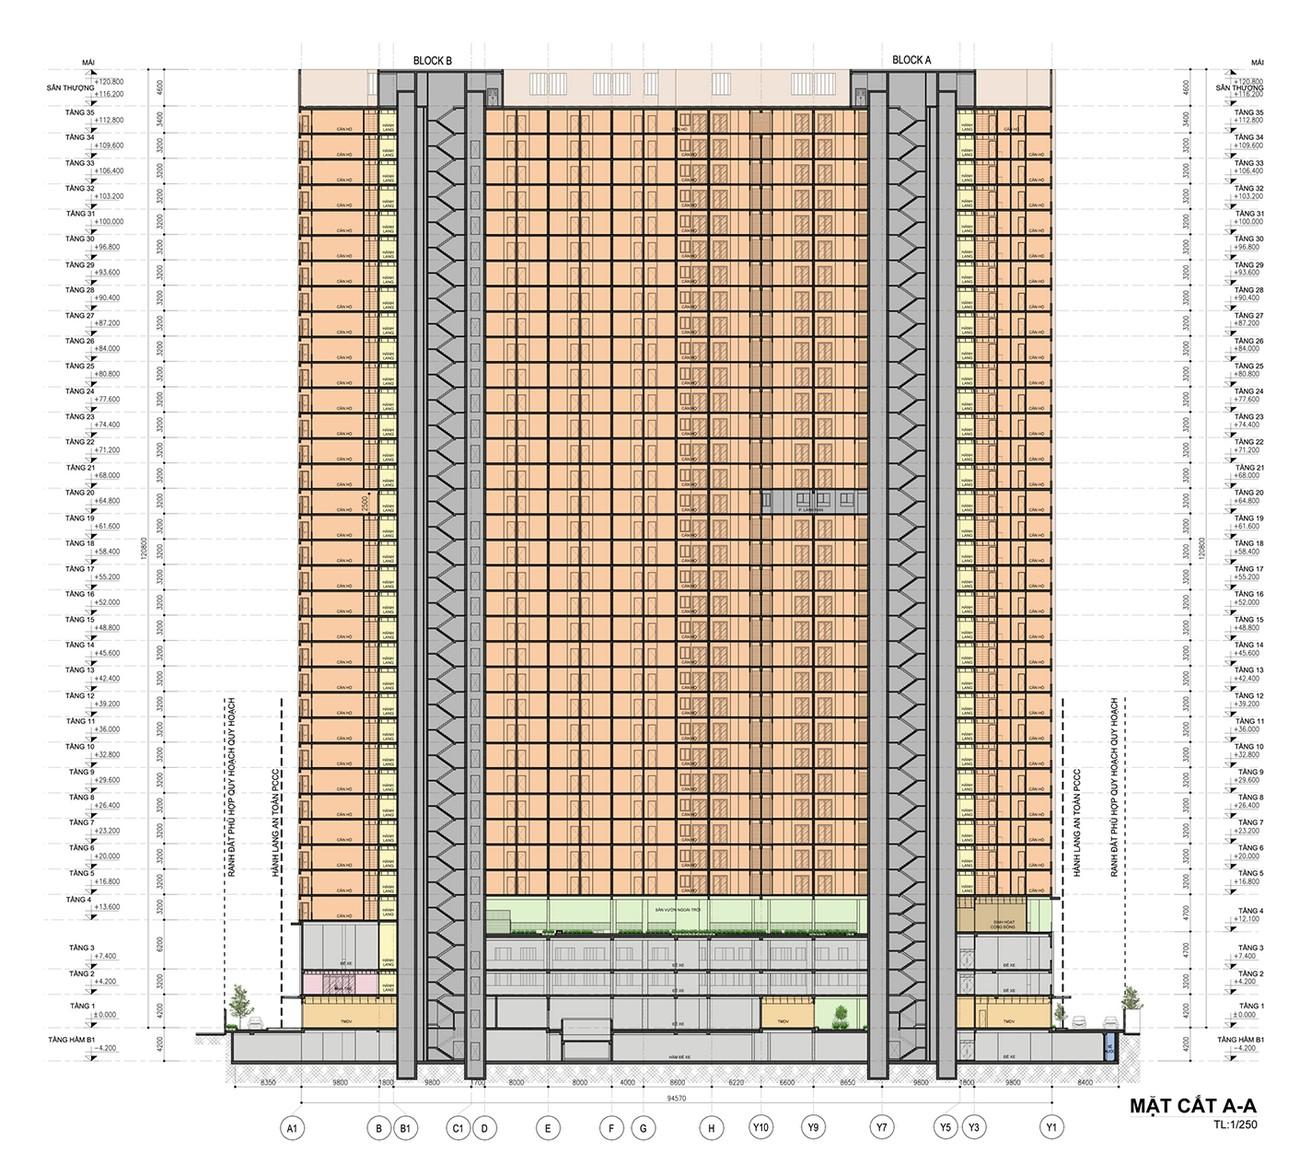 Mặt cắt dự án căn hộ chung cư Opal Skyline Thuận An Đường Nguyễn Văn Tiết chủ đầu tư Đất Xanh